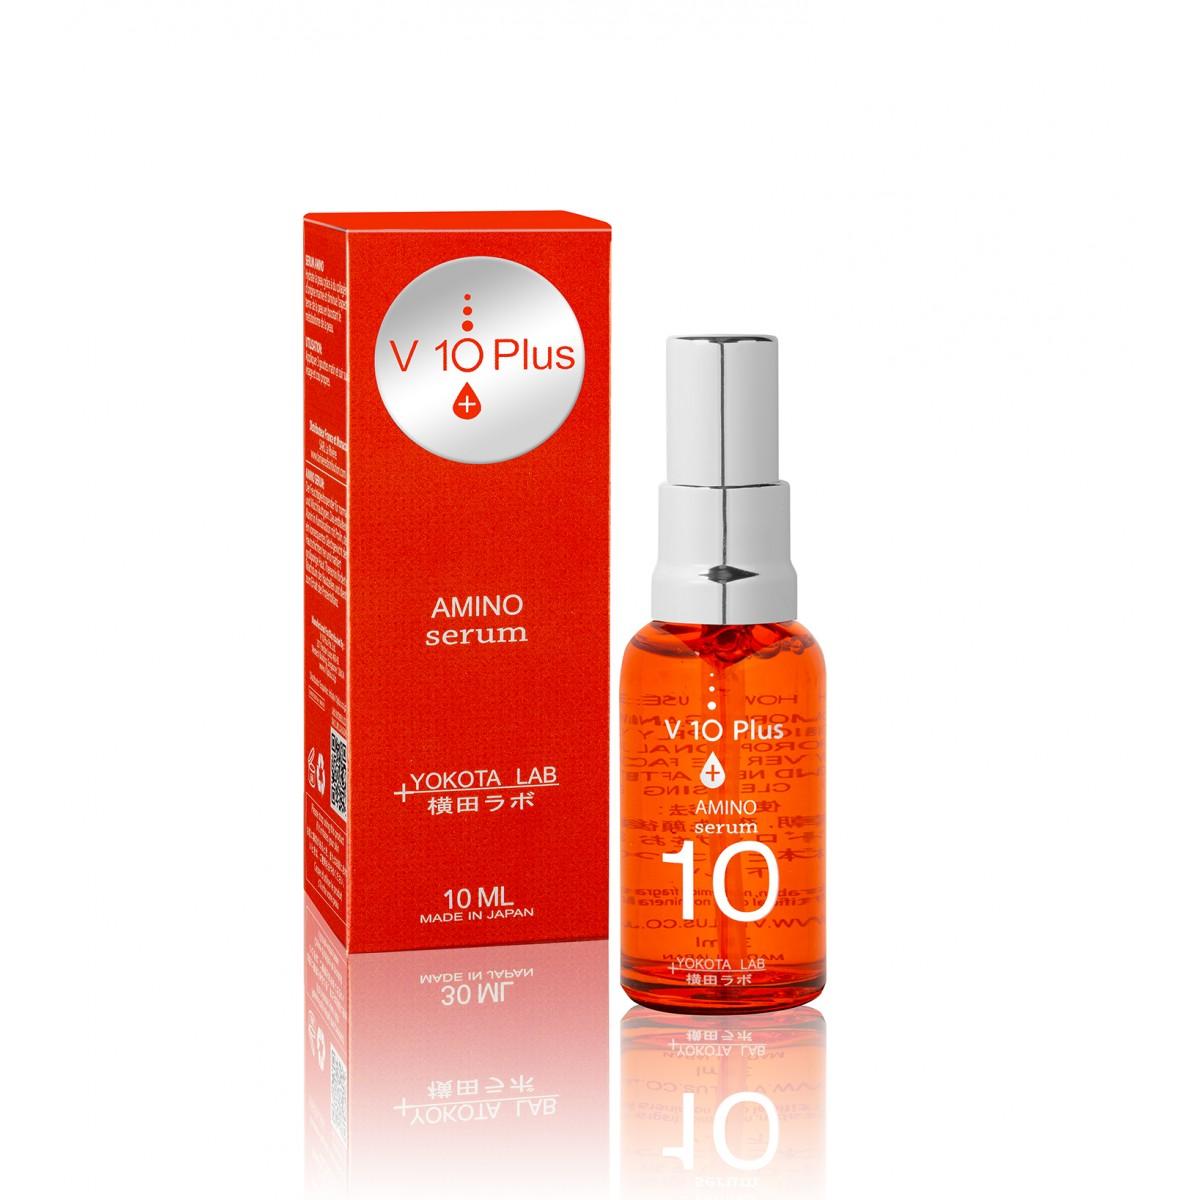 Soins beauté - V10 PLUS - AMINO SÉRUM V10+